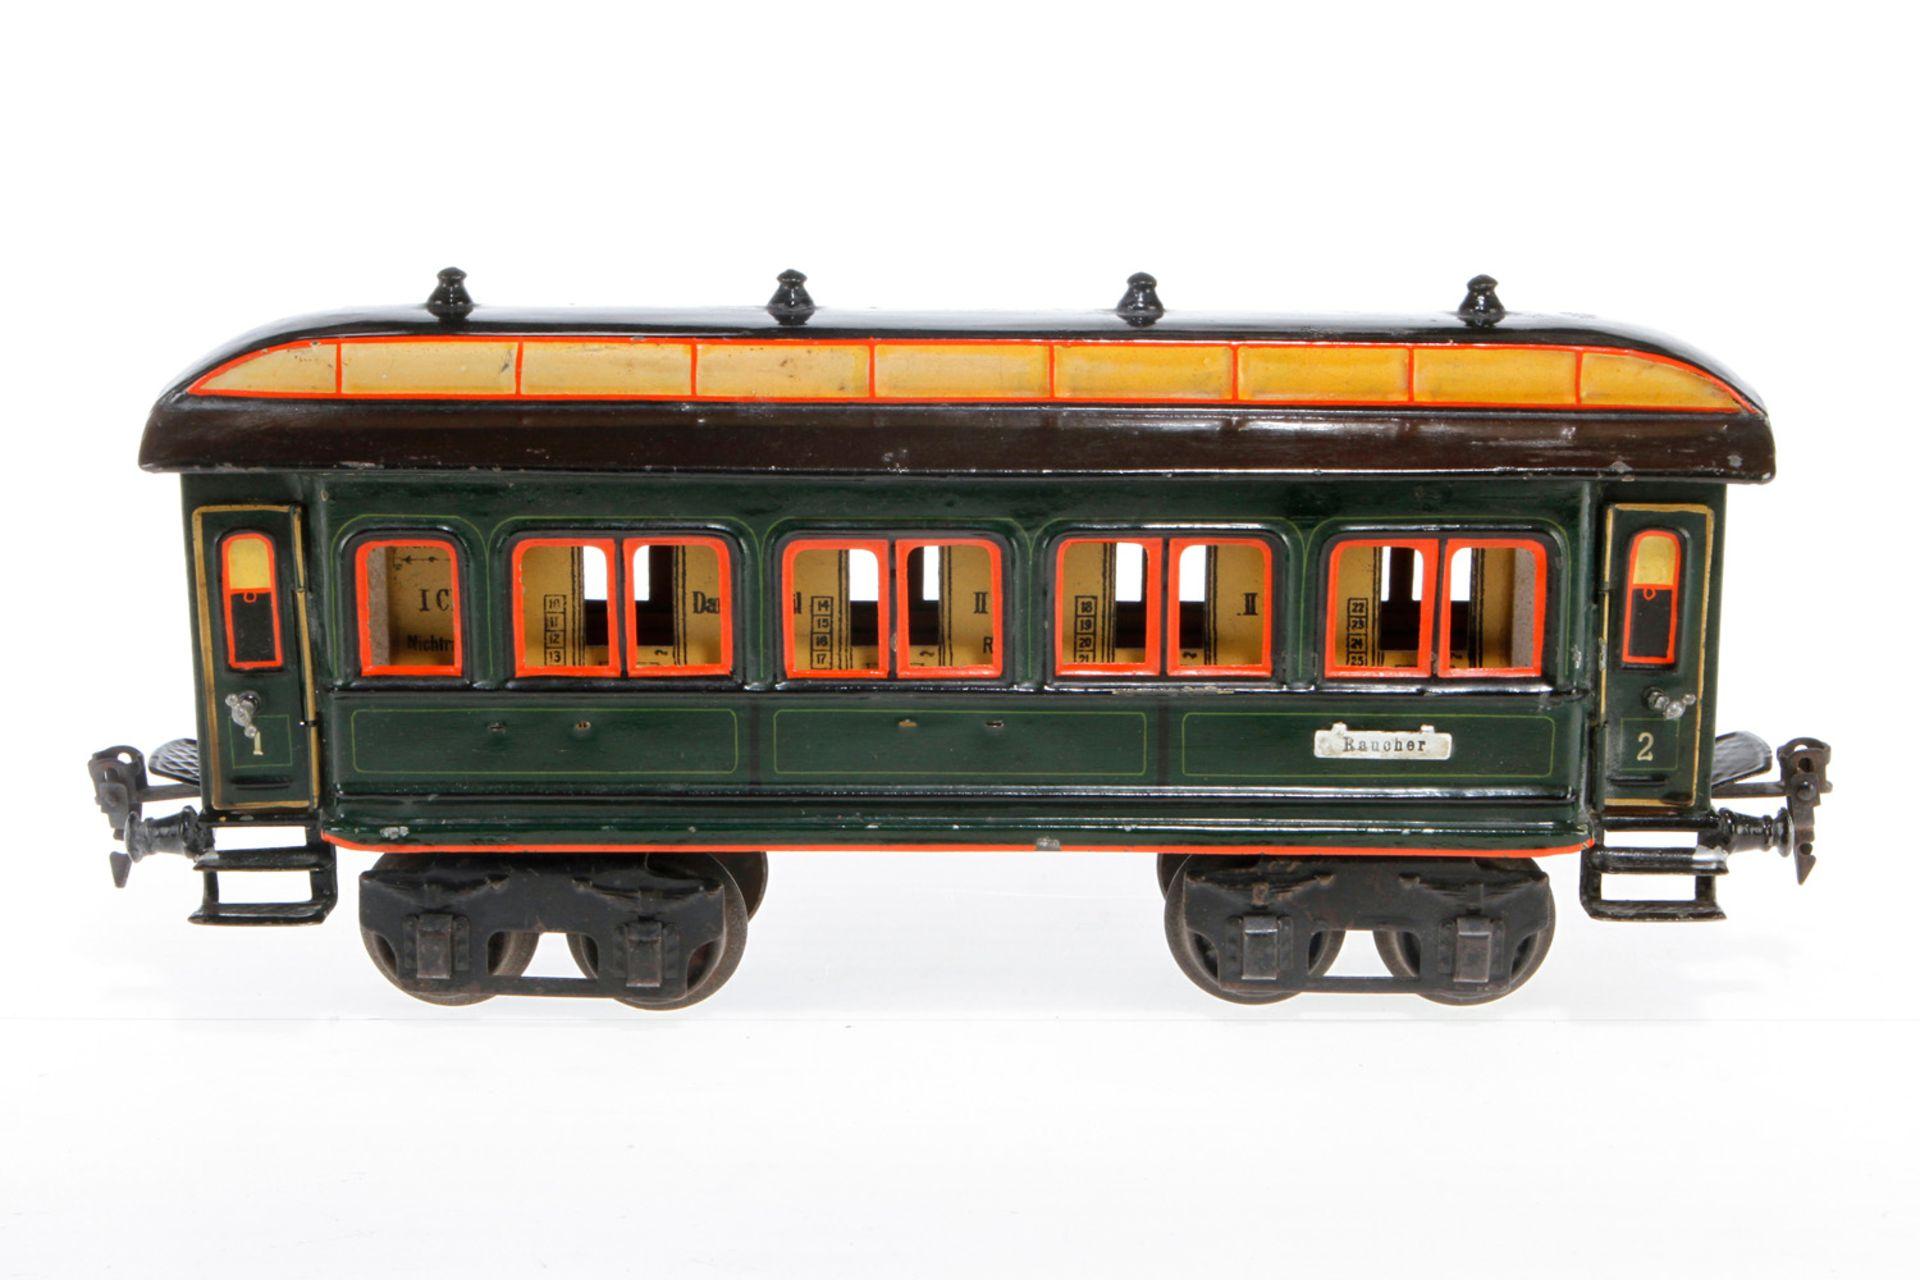 Märklin Personenwagen 1841, S 1, uralt, HL, mit Inneneinrichtung und 4 AT, 5 Schilder fehlen, LS und